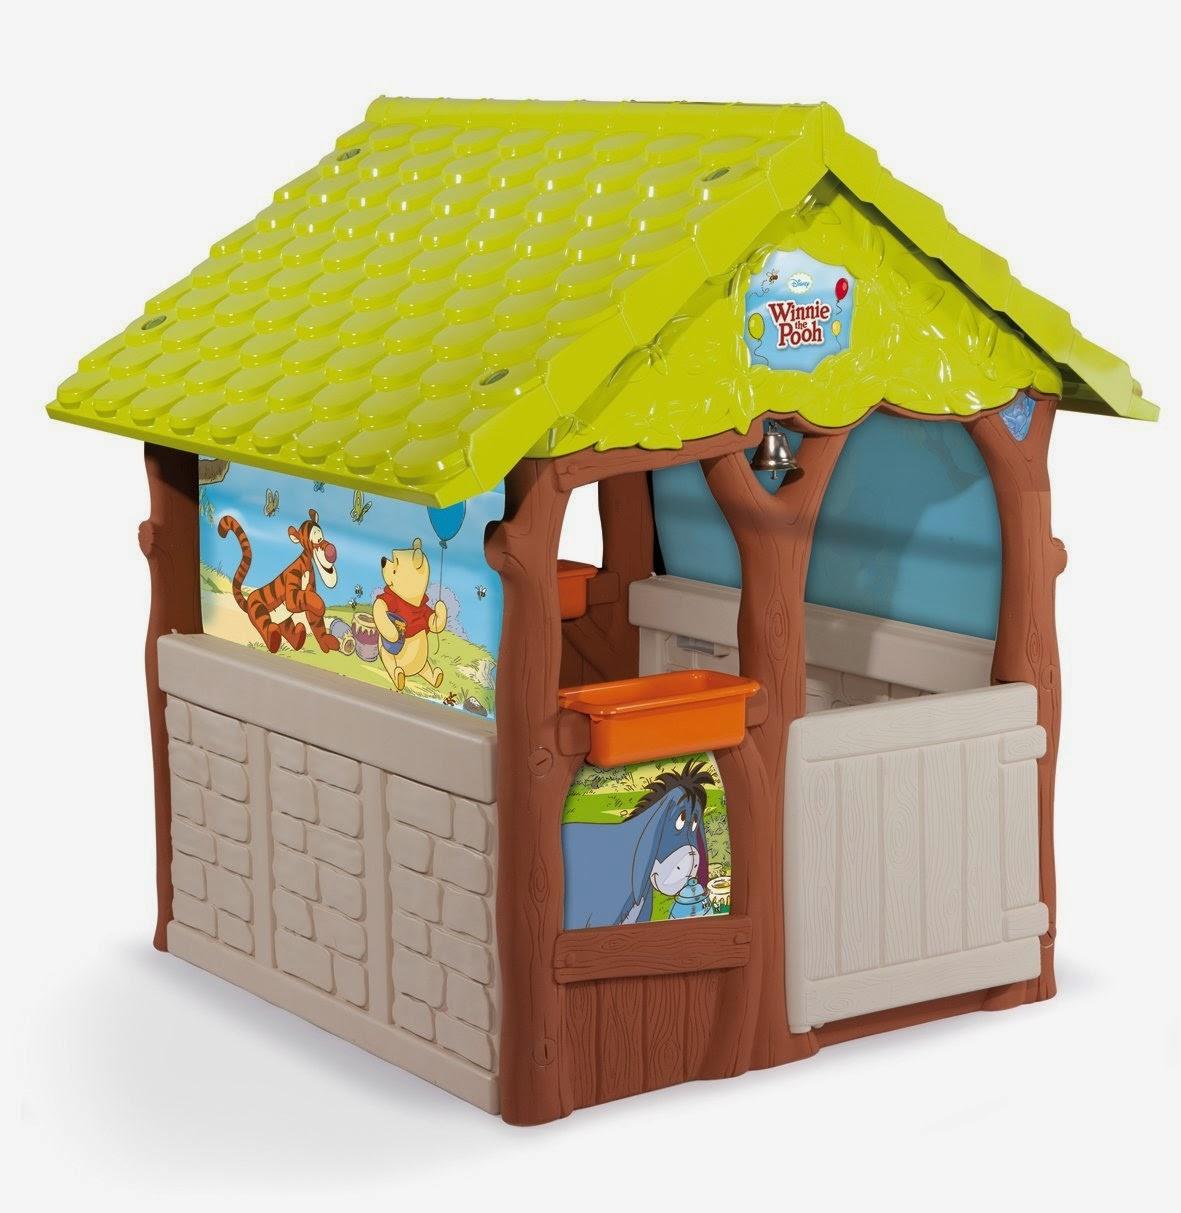 Casa Albero di Winnie The Pooh giocattolo da giardino Smoby bambini caratteristiche prezzo